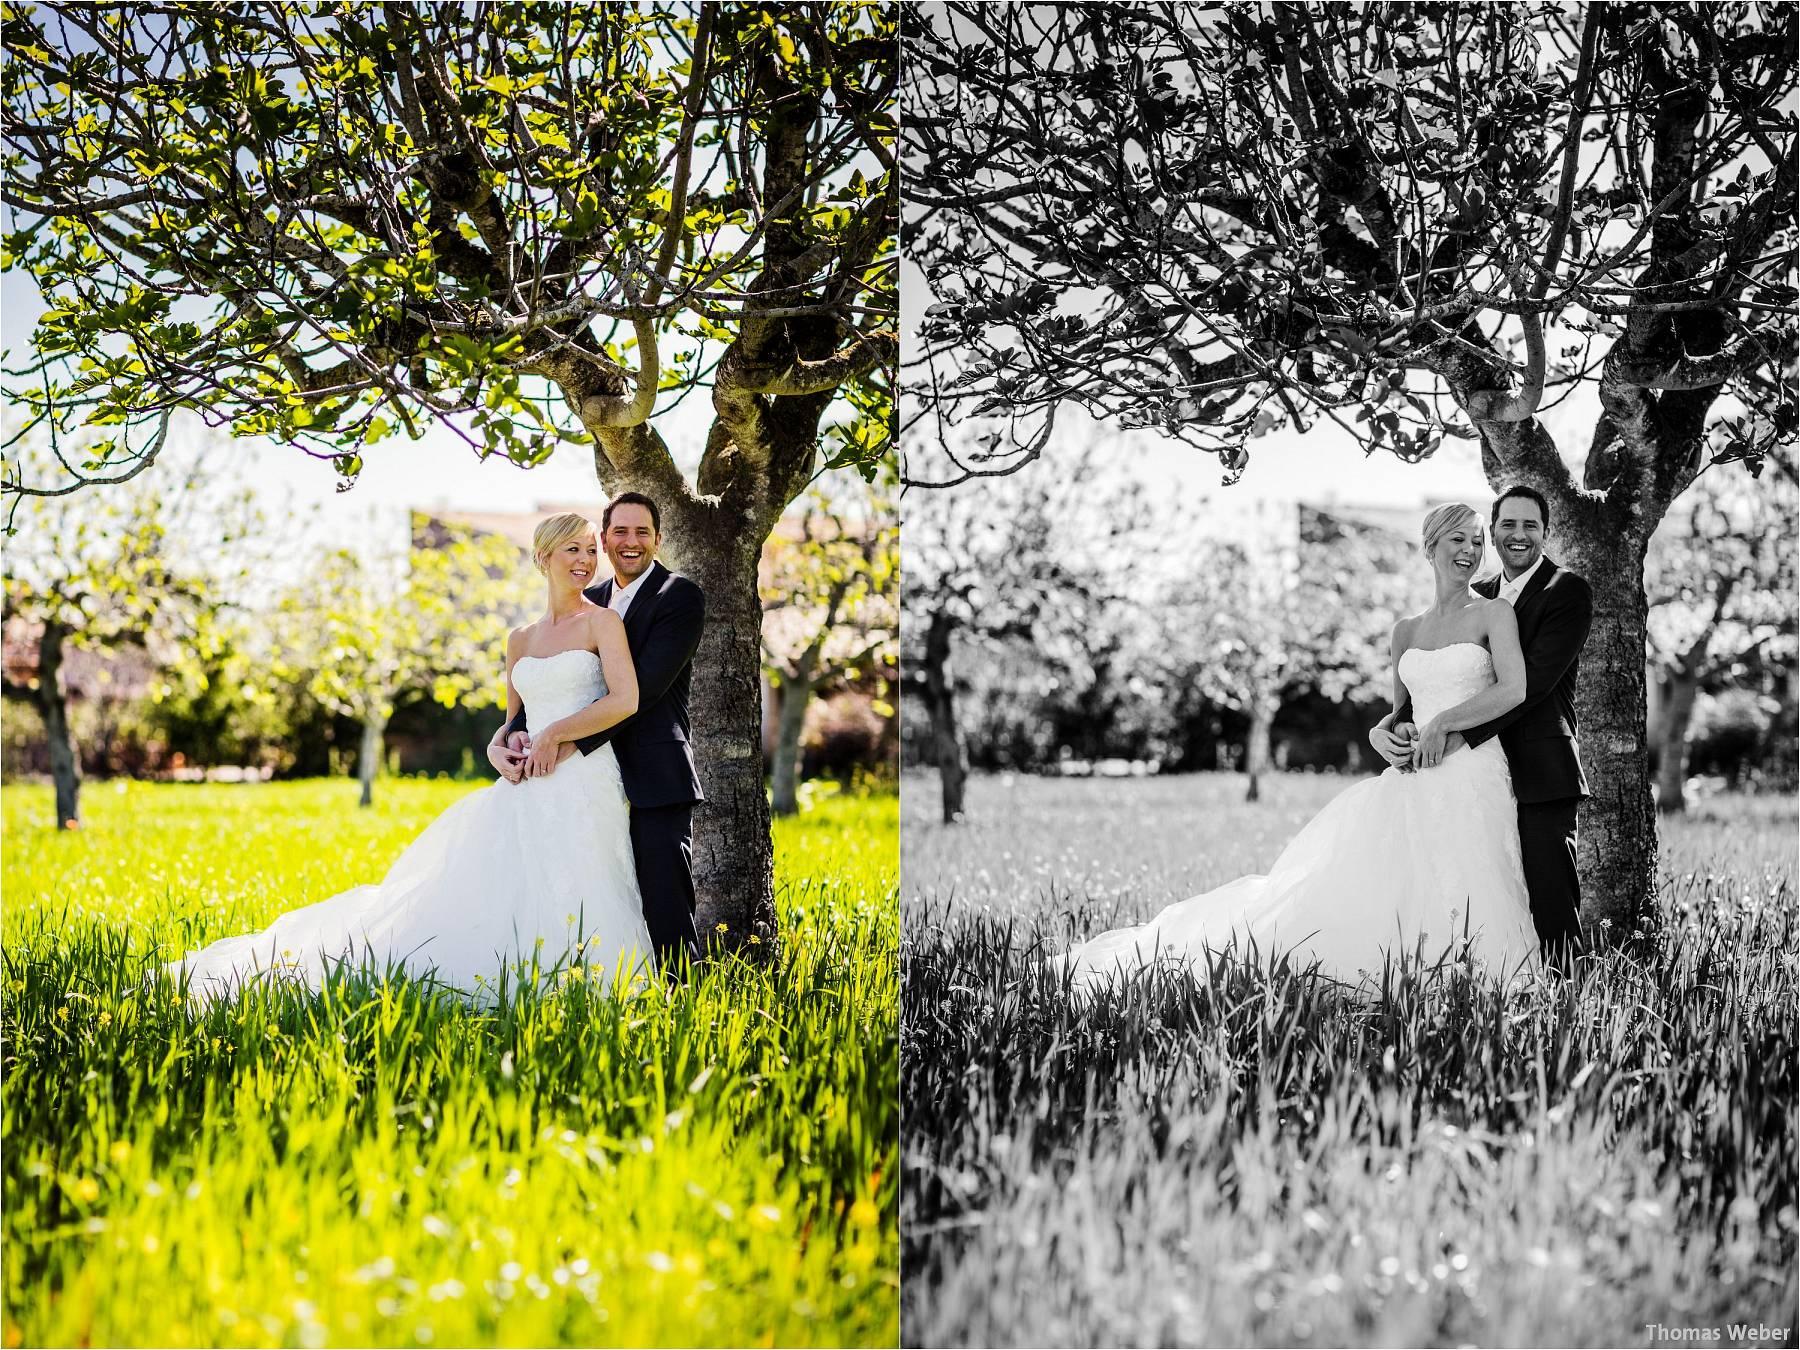 Hochzeitsfotograf Mallorca: Hochzeitsportraits beim After Wedding Shooting auf Mallorca (2)